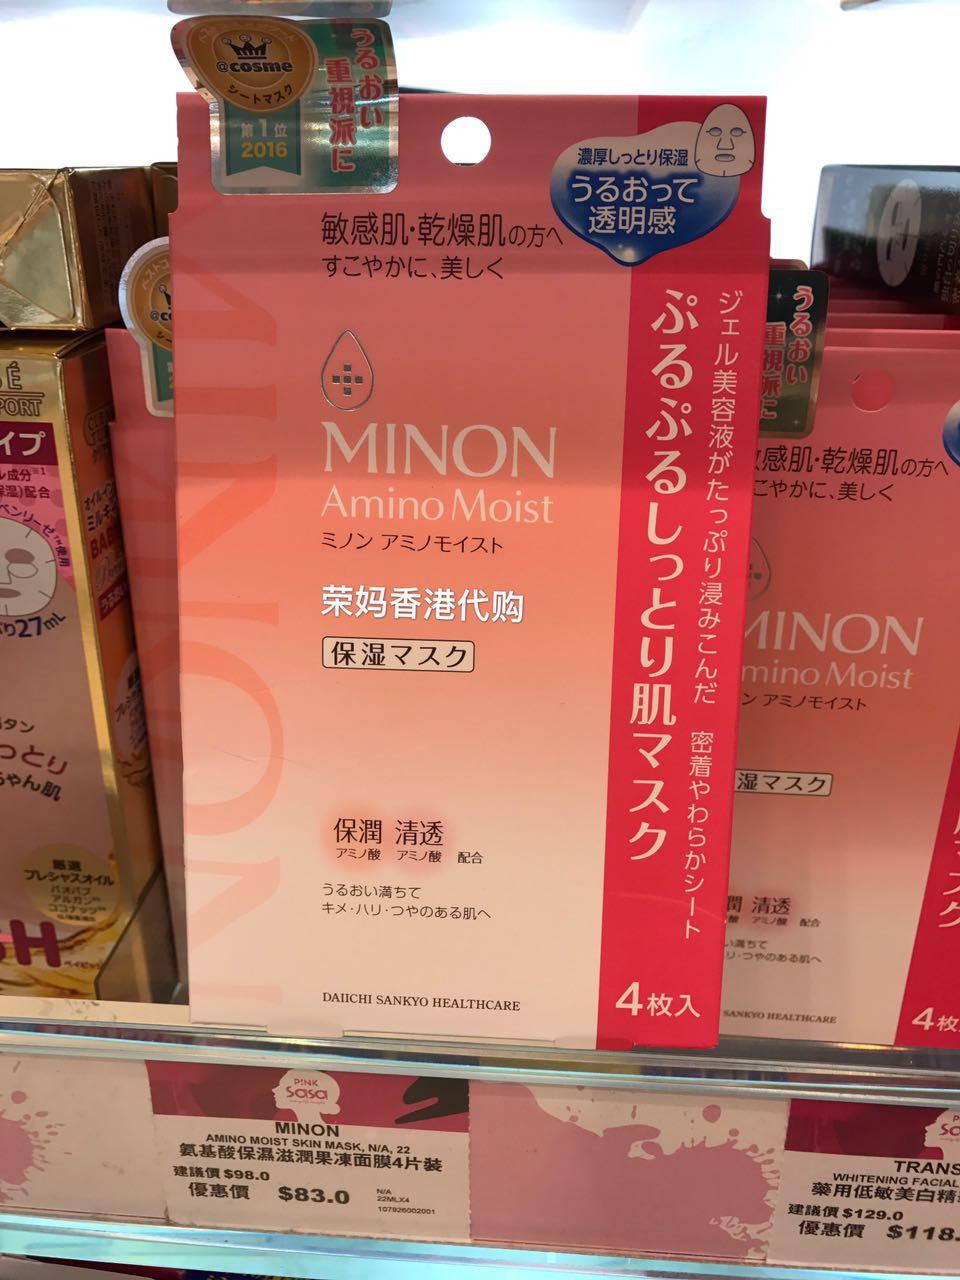 荣妈香港站  MINON/蜜浓氨基酸保湿面膜 抗敏 补水 保湿 干燥肌